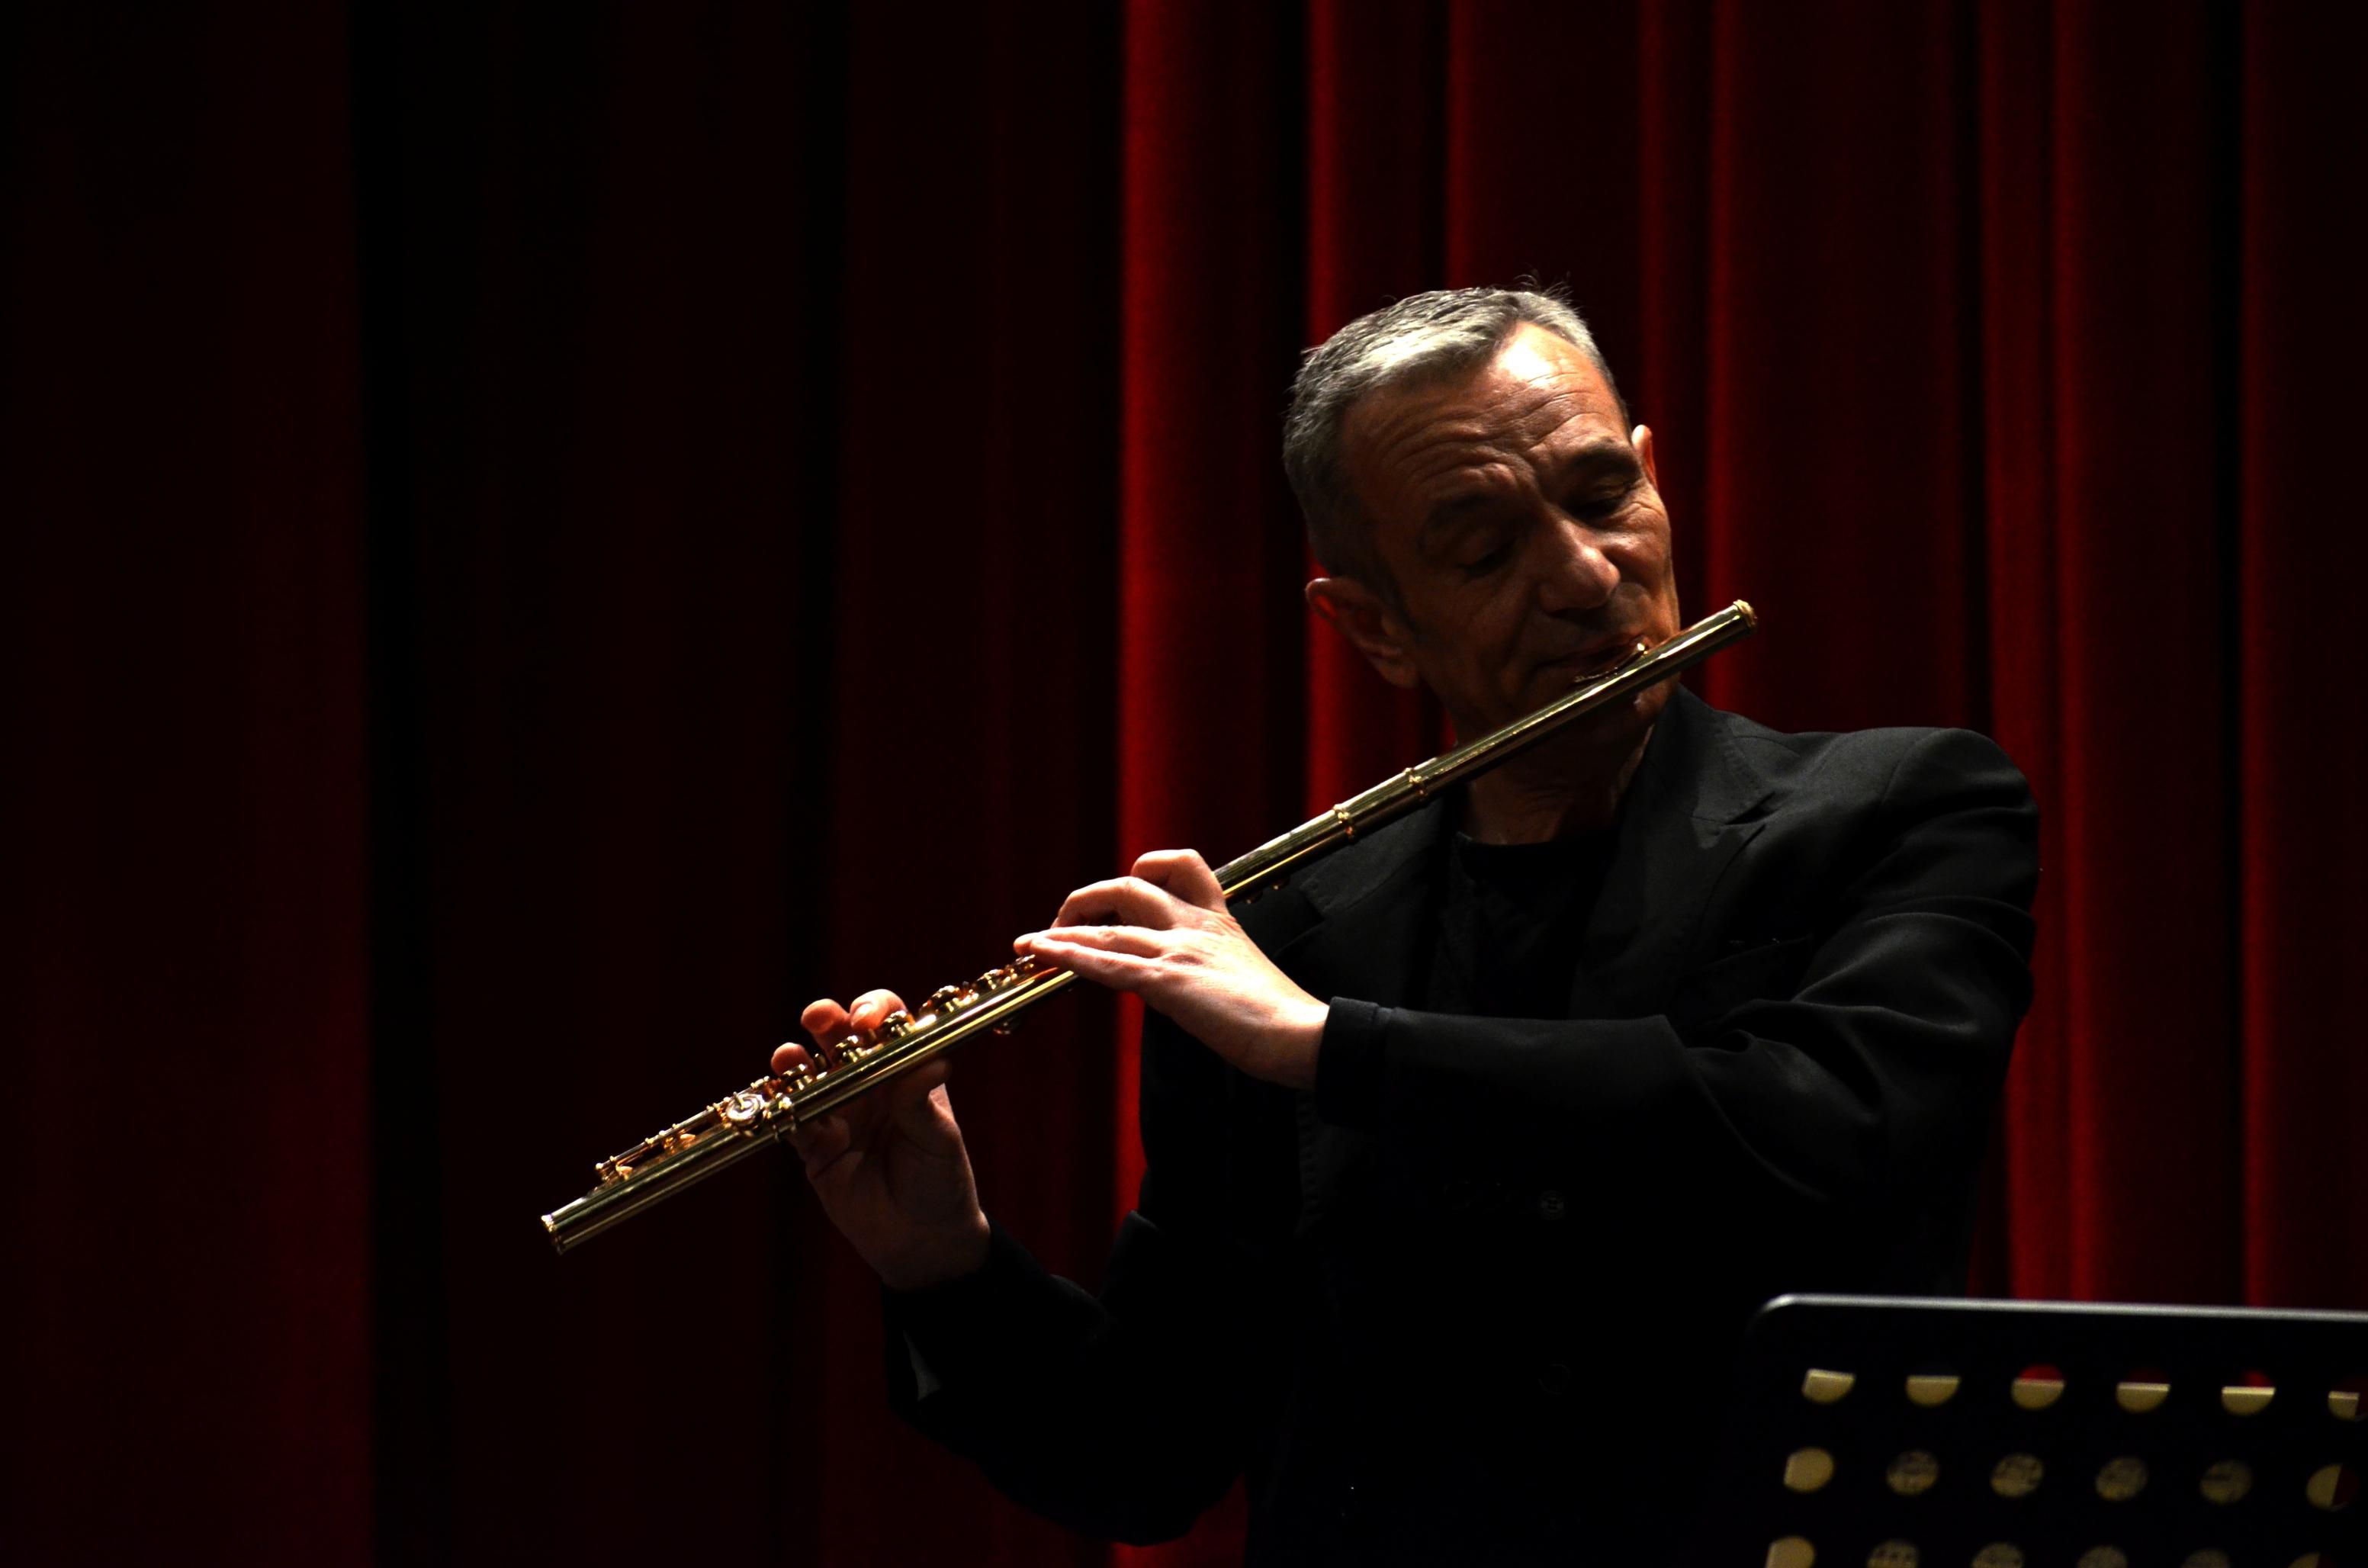 Enrico Di Felice